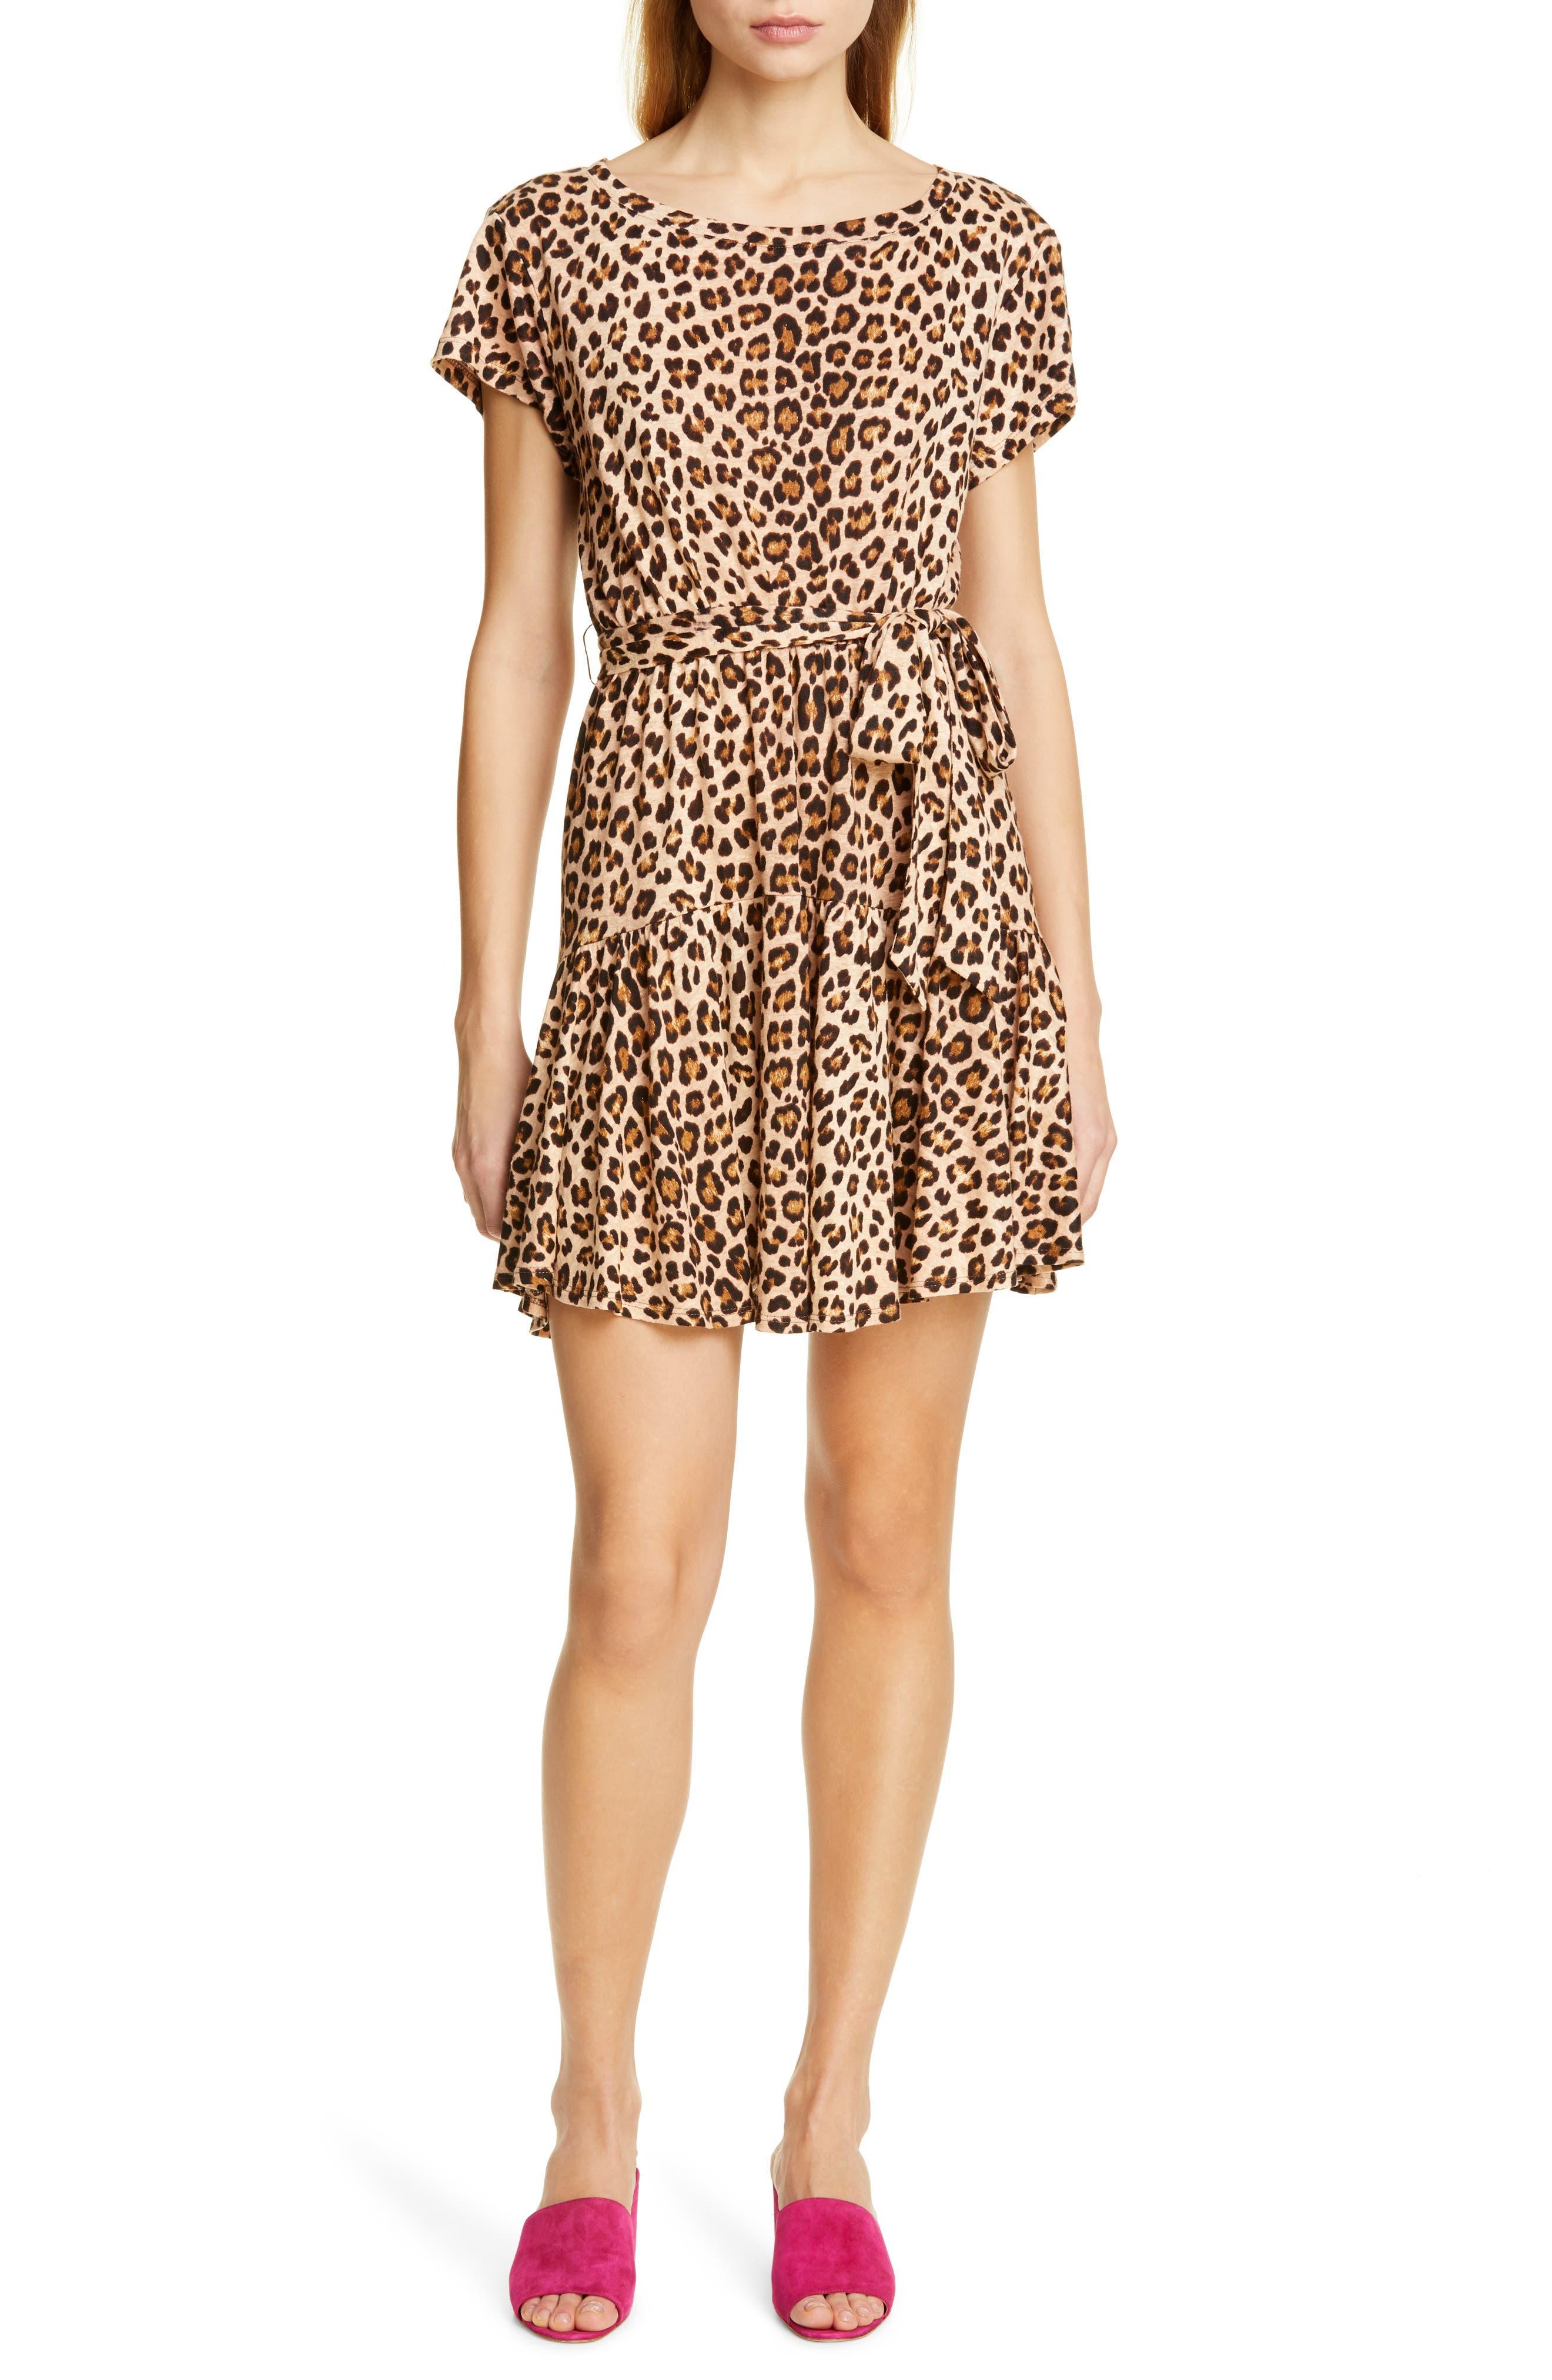 REBECCA TAYLOR, Leopard Print Linen Minidress, Main thumbnail 1, color, BISCUIT